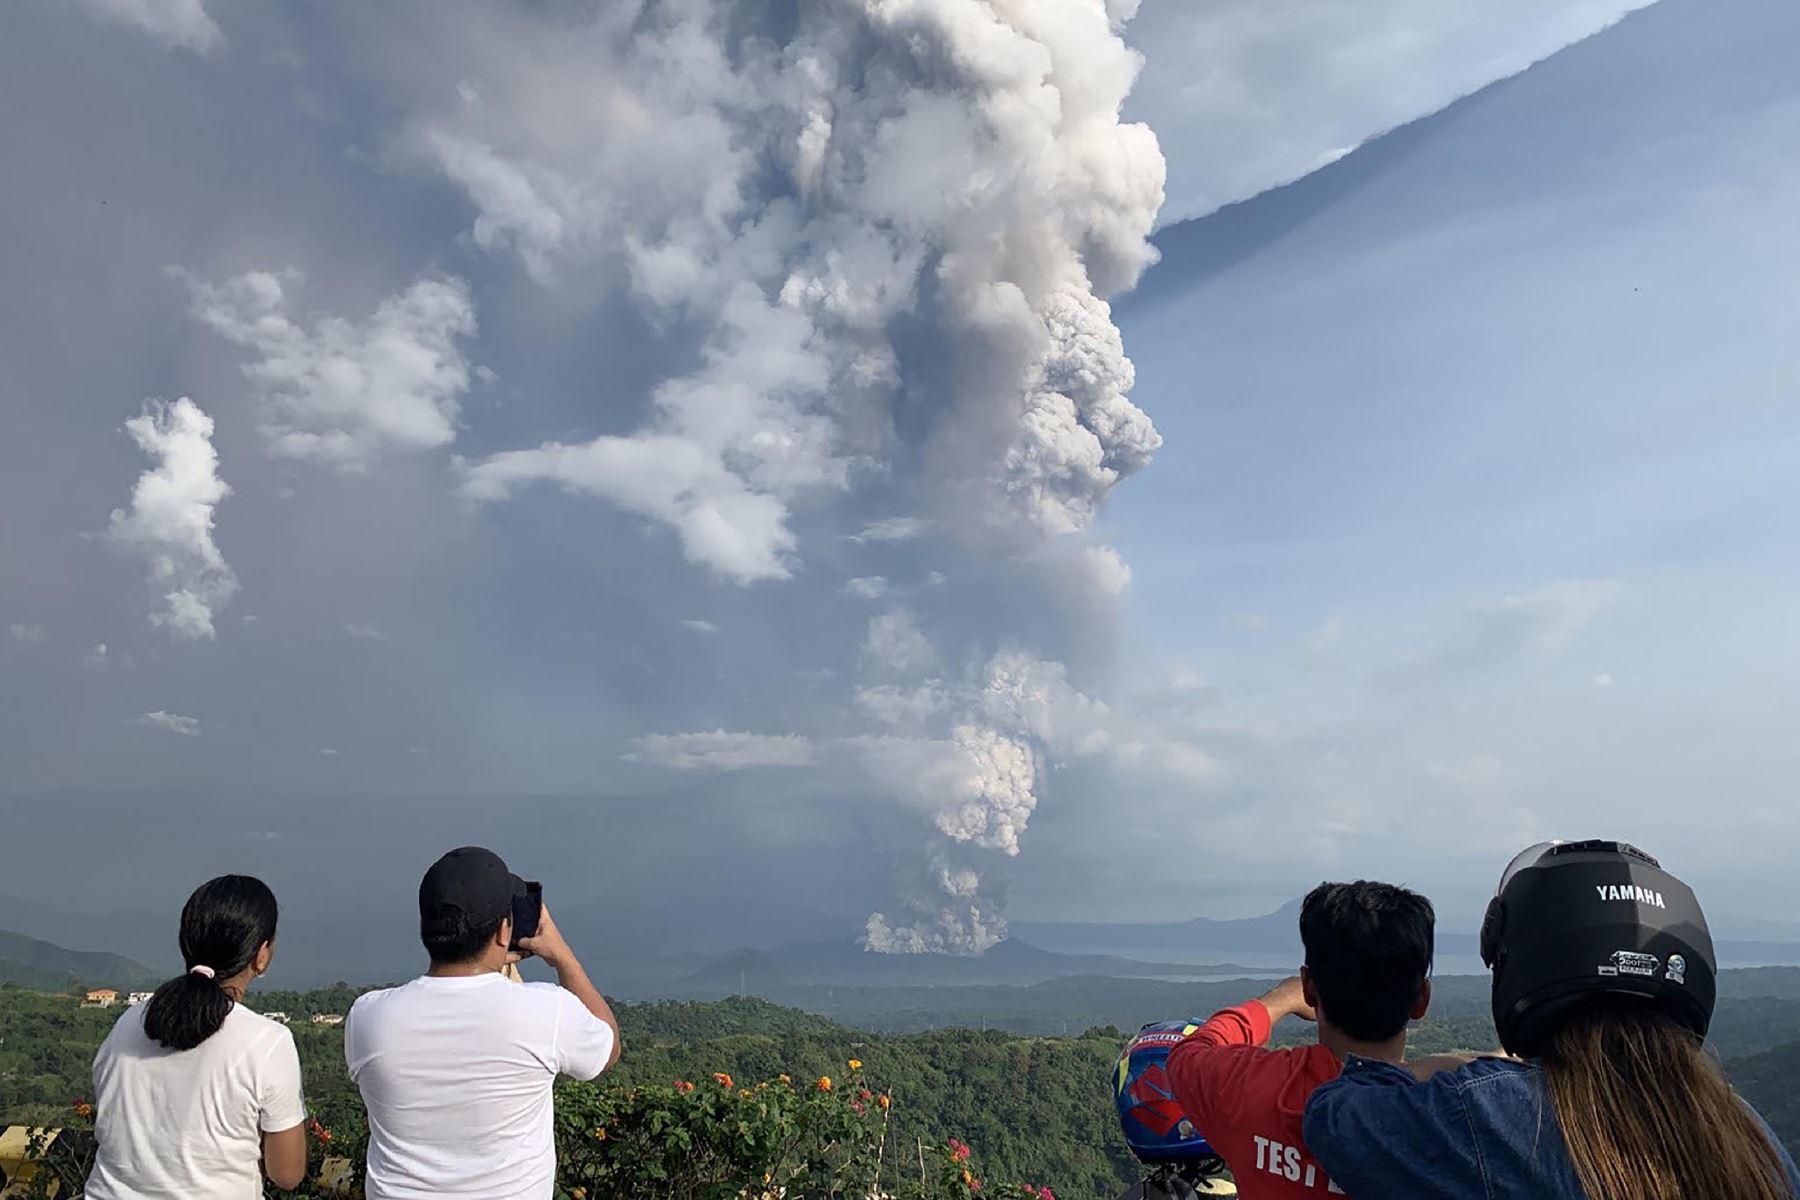 La gente toma fotos de una explosión freática del volcán Taal vista desde la ciudad de Tagaytay en la provincia de Cavite, al suroeste de Manila. Foto: AFP